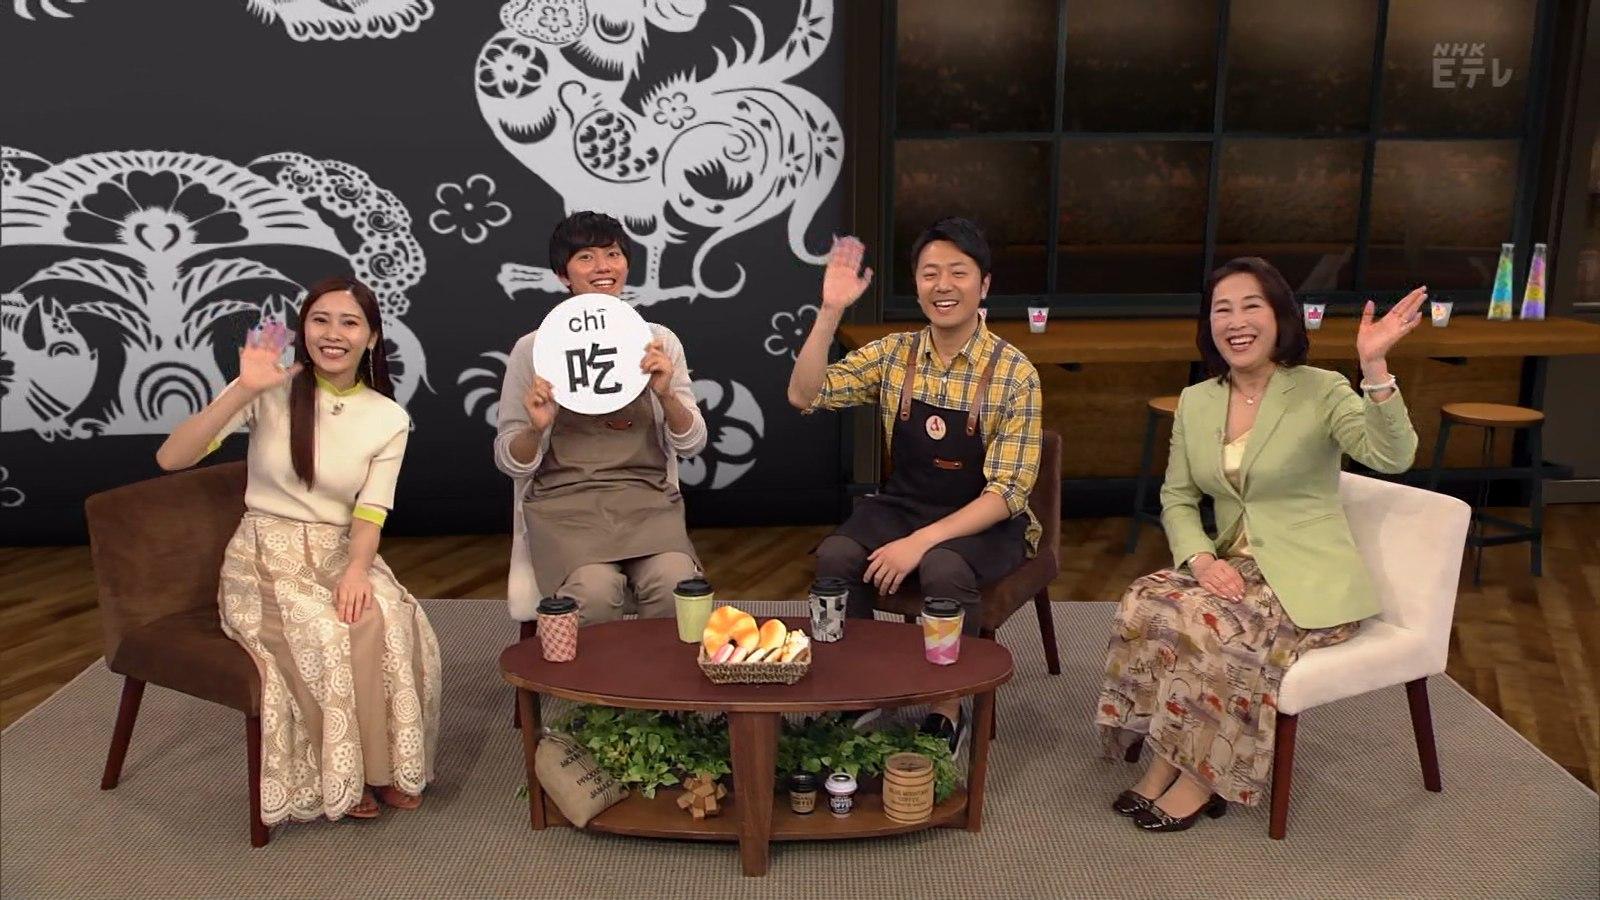 テレビで中国語・佐野ひなこさんのテレビキャプチャー画像-087